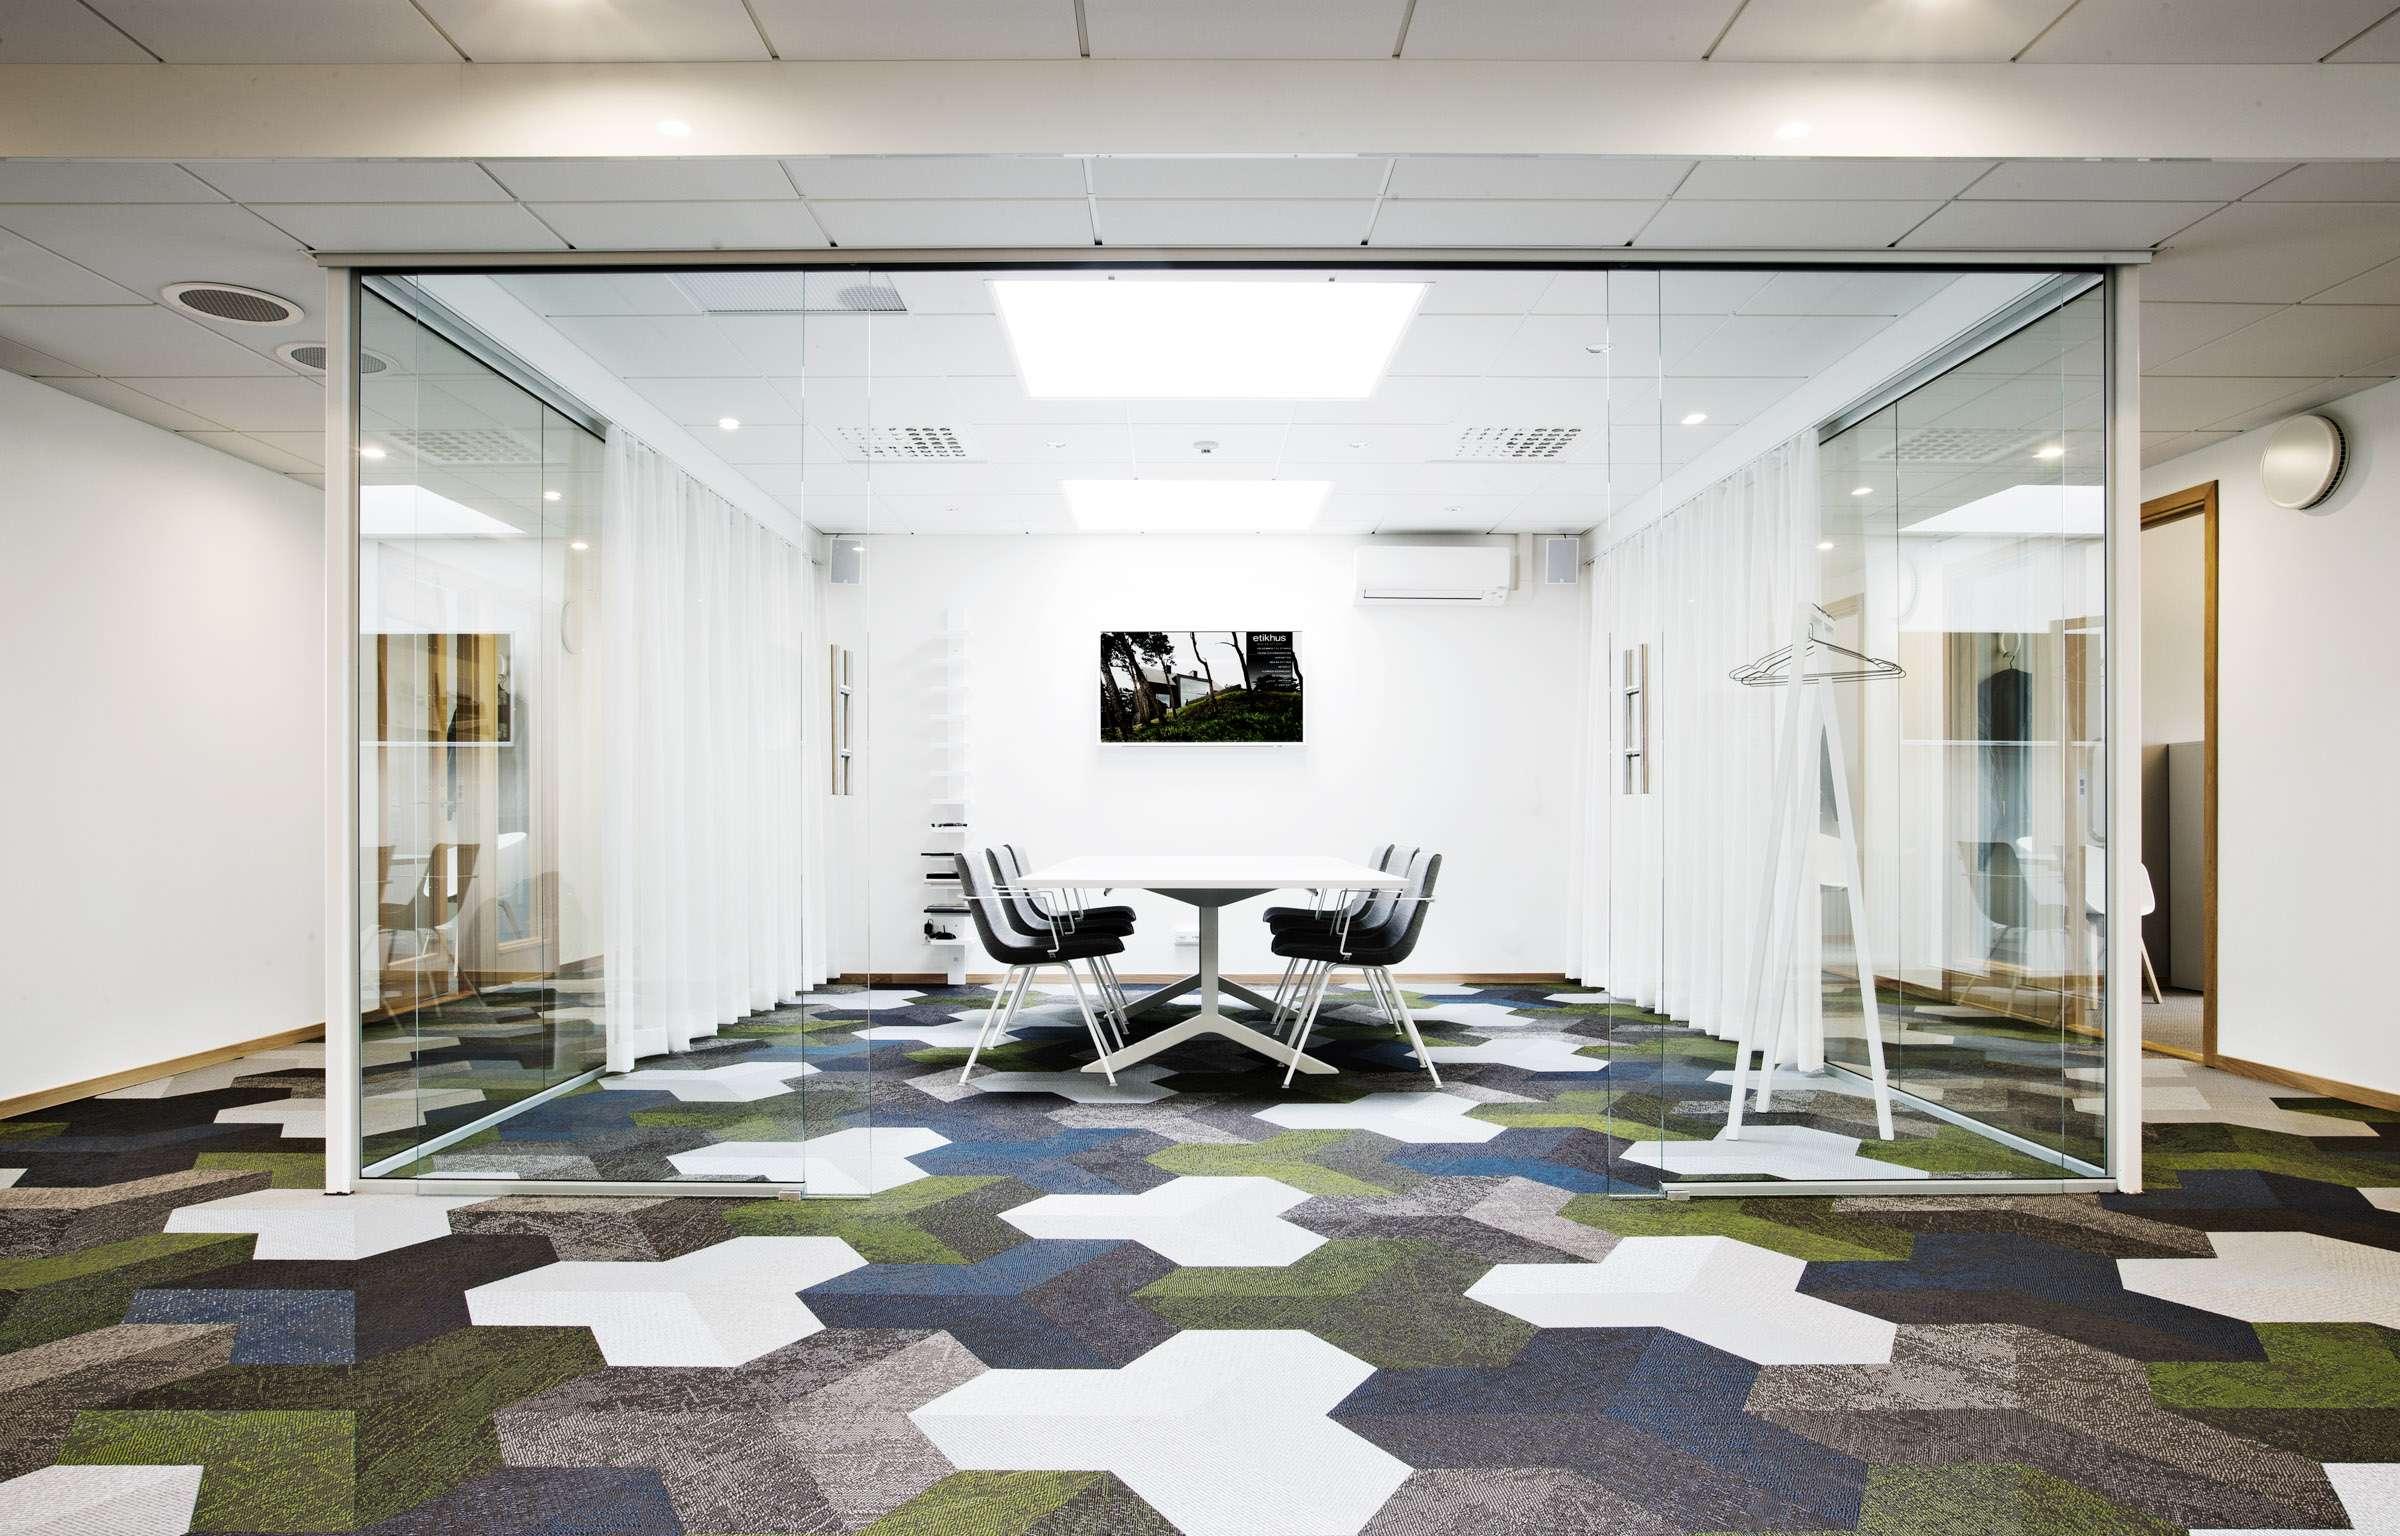 Geometric floor pattern in green, white, blue and gray using Bolon Studio™ tiles in the office of Etikhus in Varberg, Sweden.